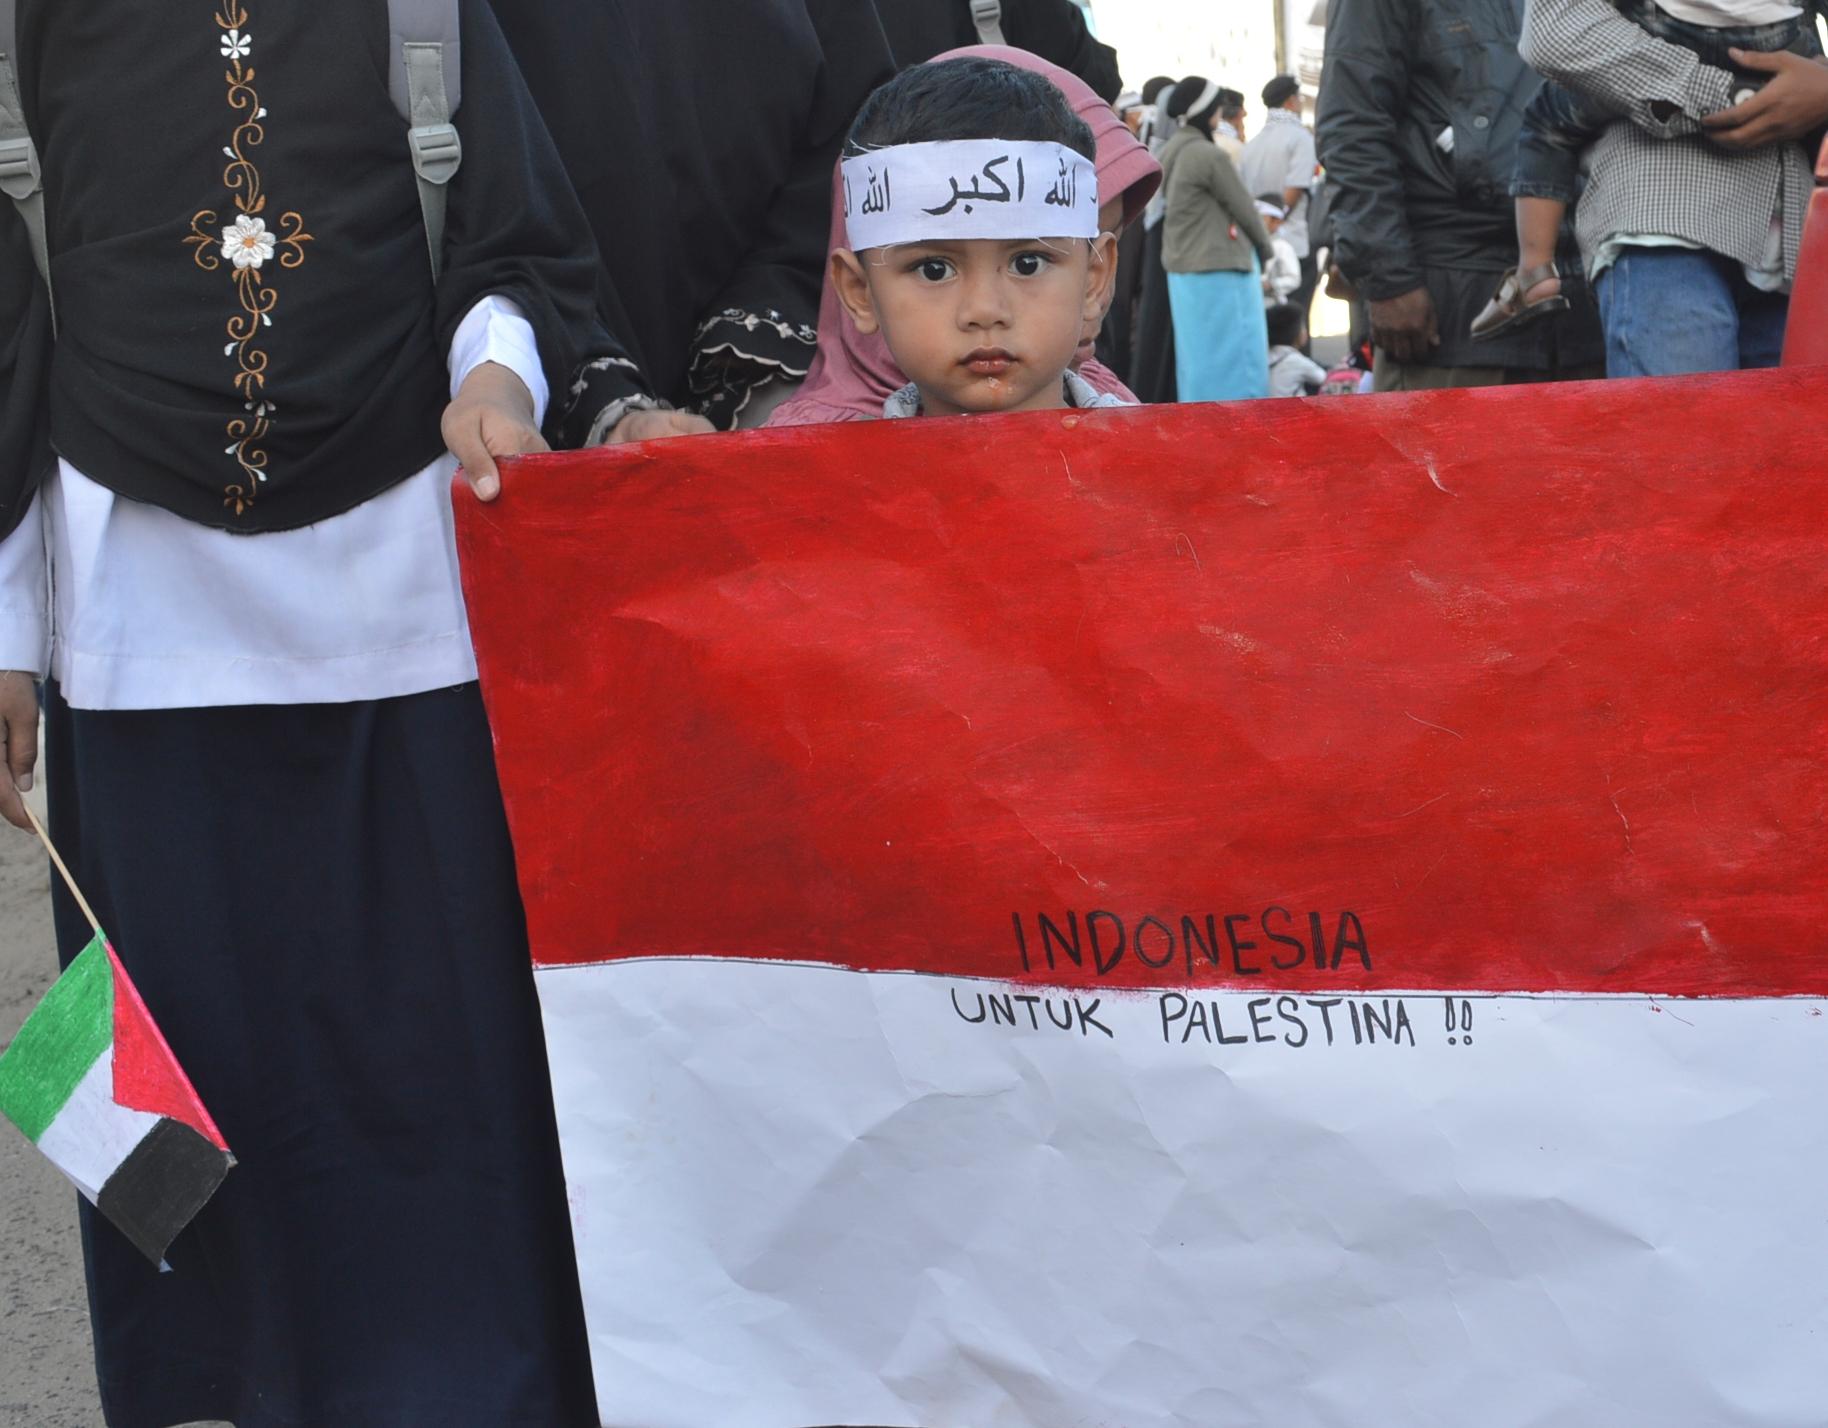 ORMAS ISLAM INDONESIA SAMBUT KEMENANGAN  GENCATAN SENJATA GAZA